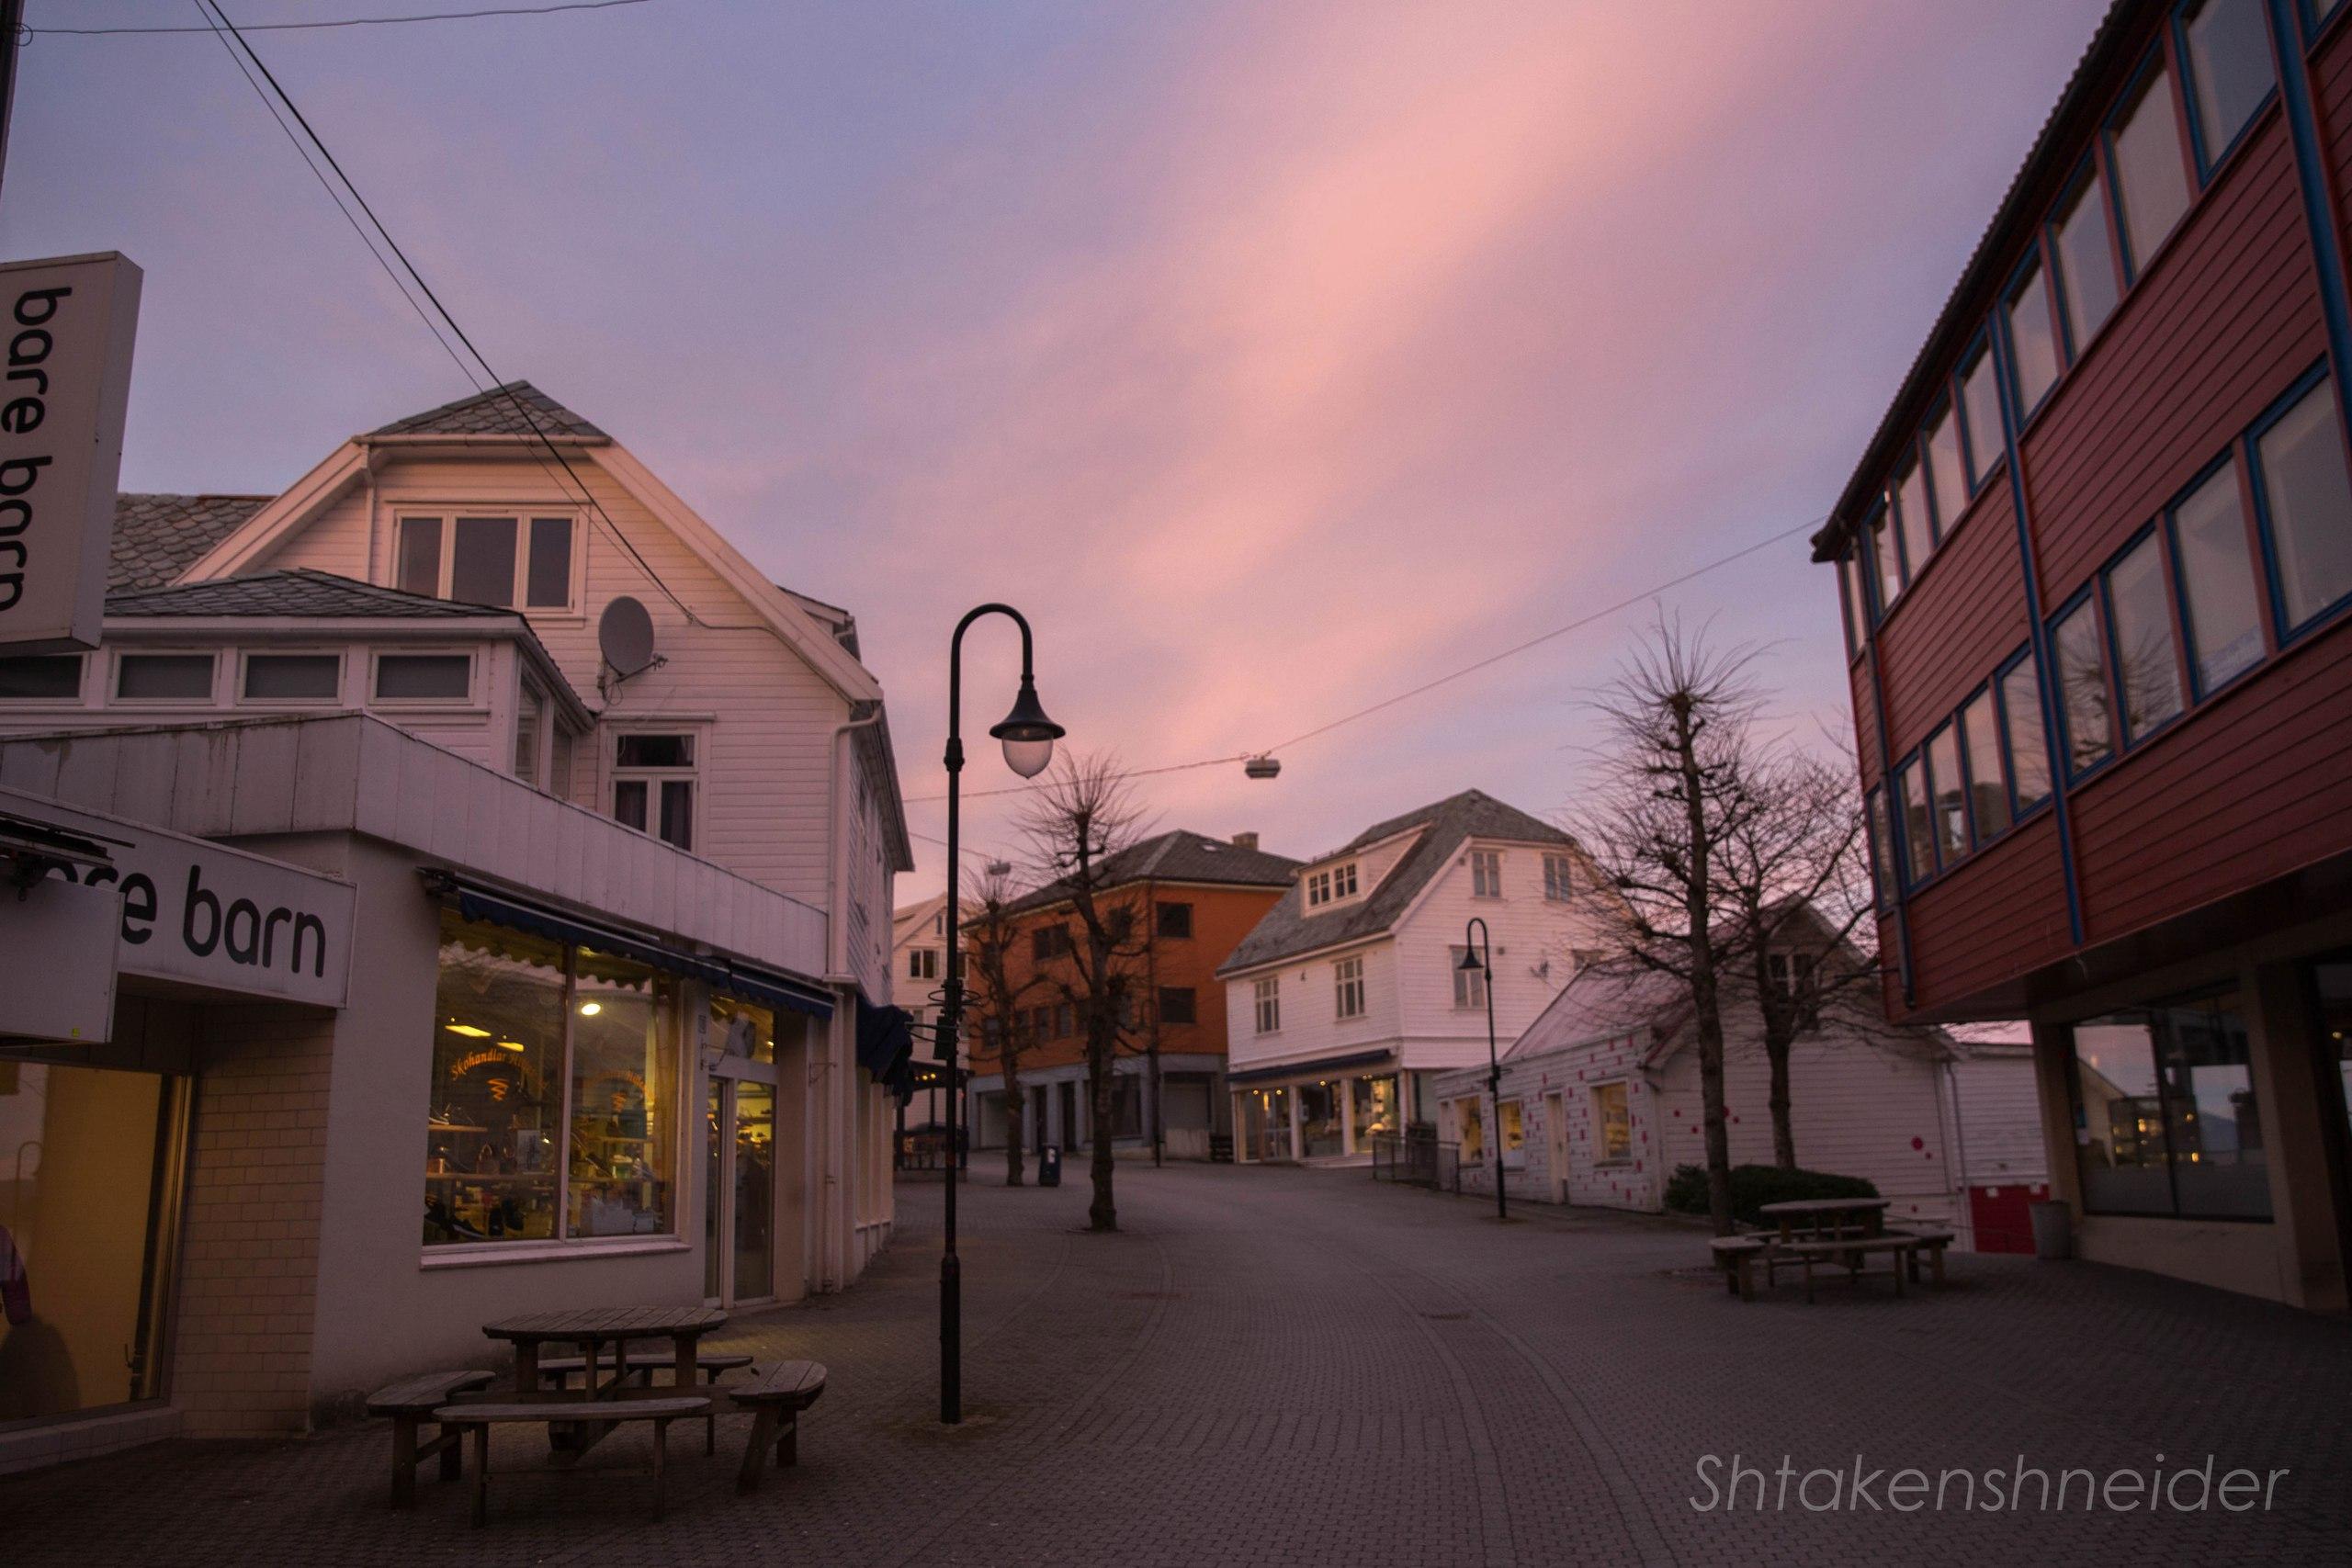 Лейрвик: фото улицы с магазинами в Хордаланне, Норвегия.